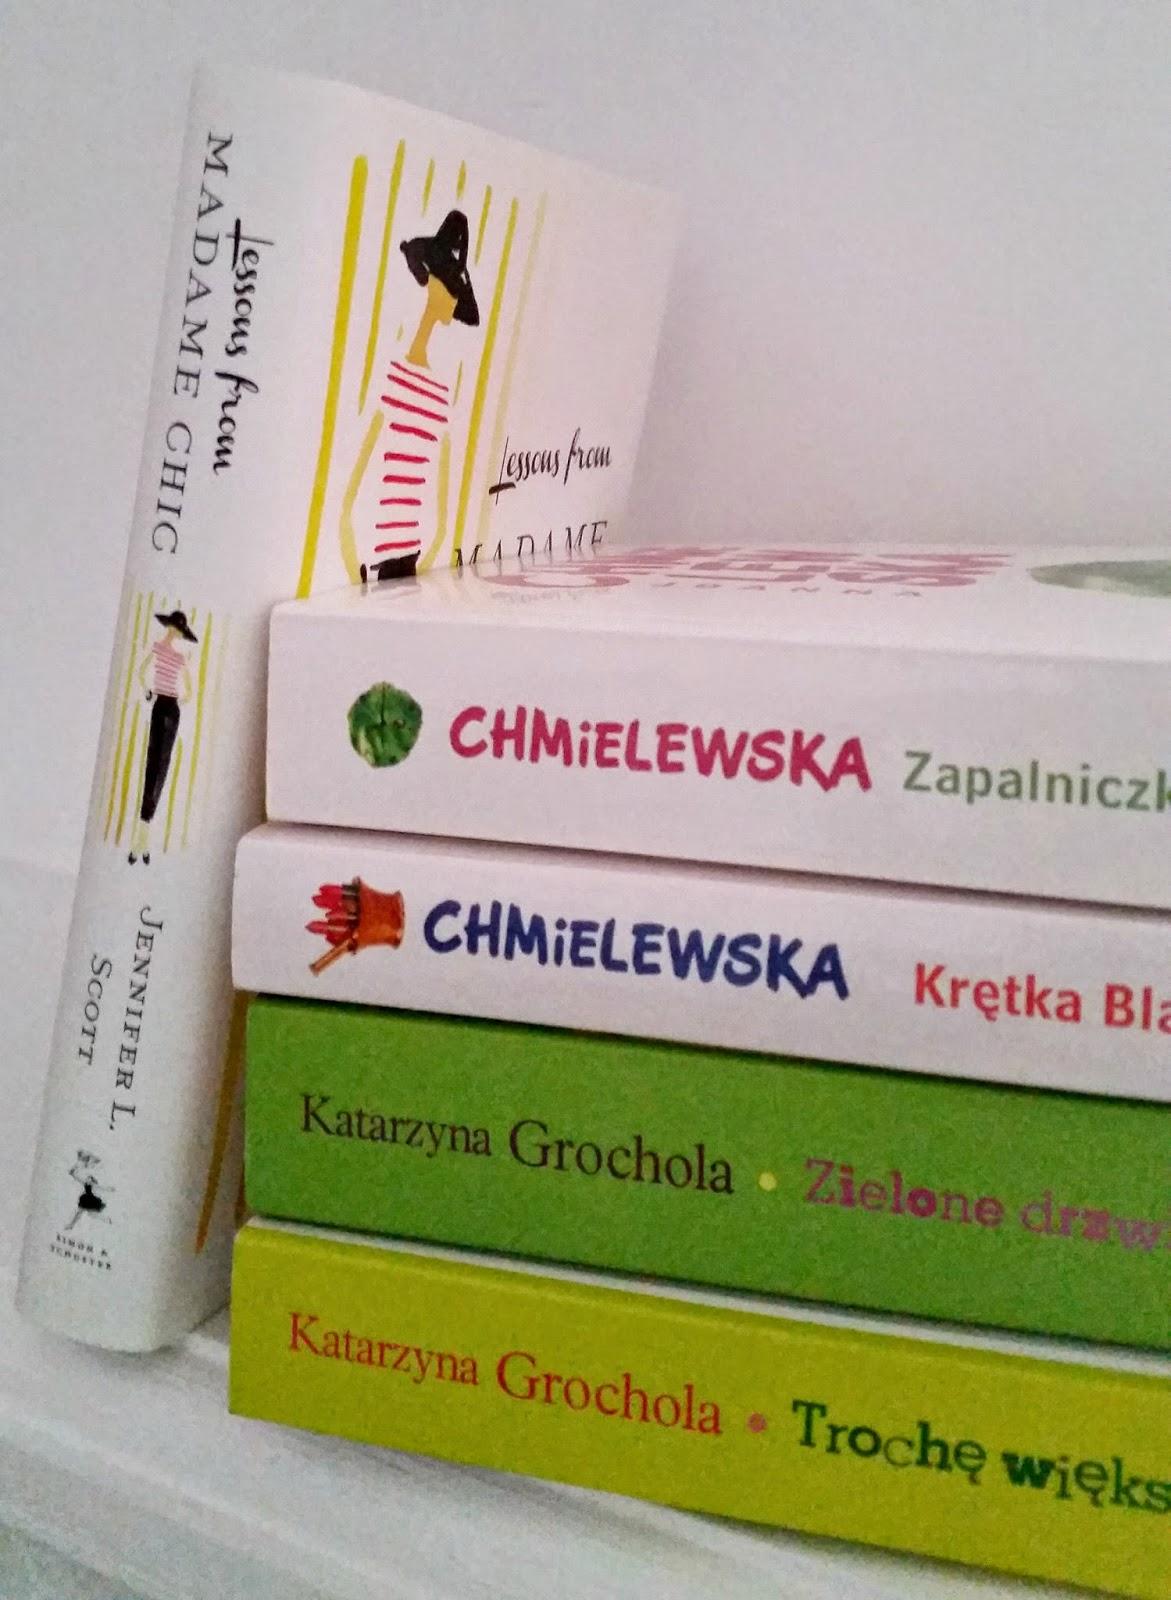 książki: Katarzyna Grochola, Joanna Chmielewska